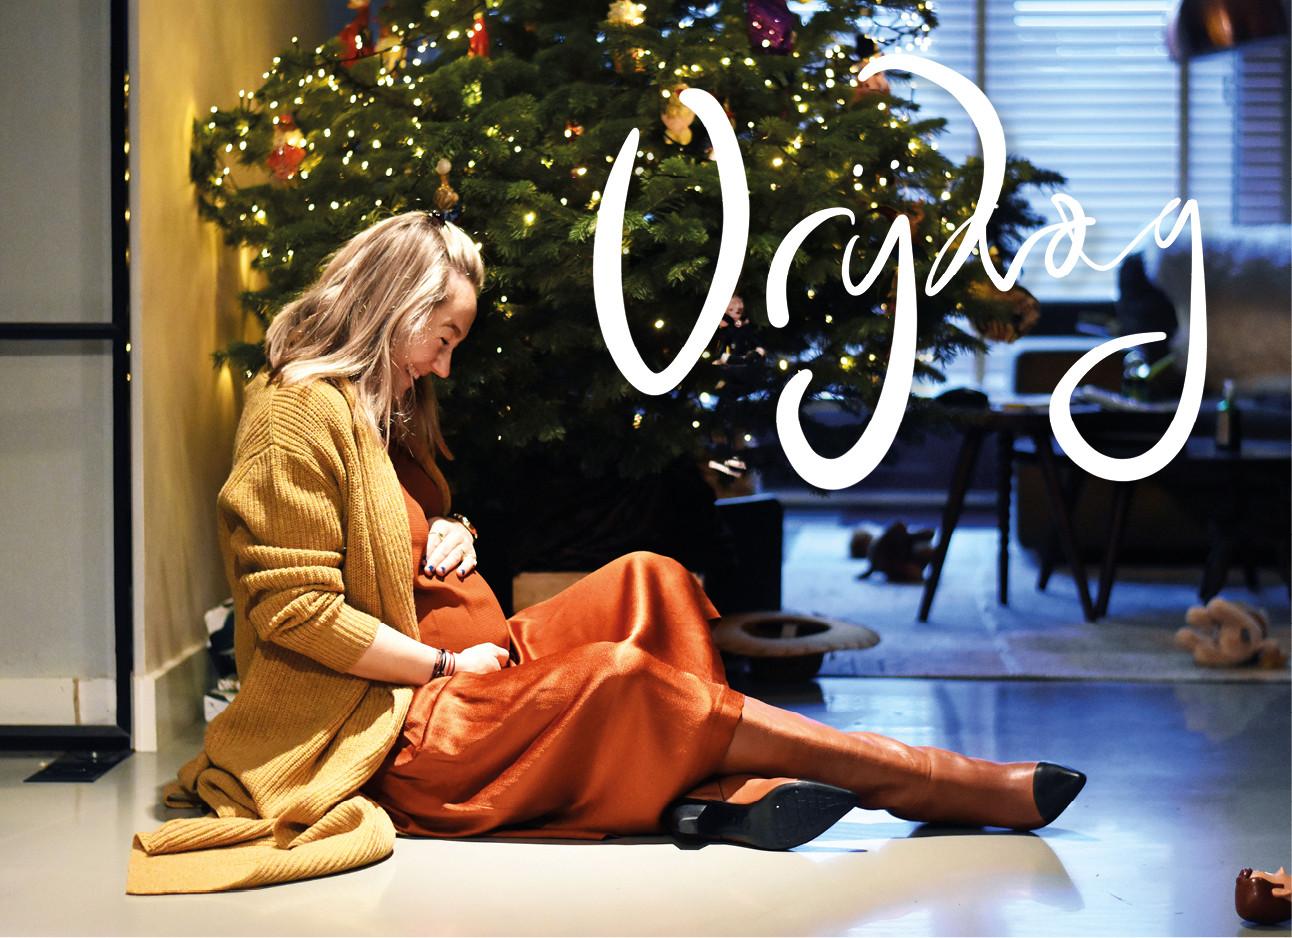 beeld van carolien in een oranje jurk bij de kerstboom